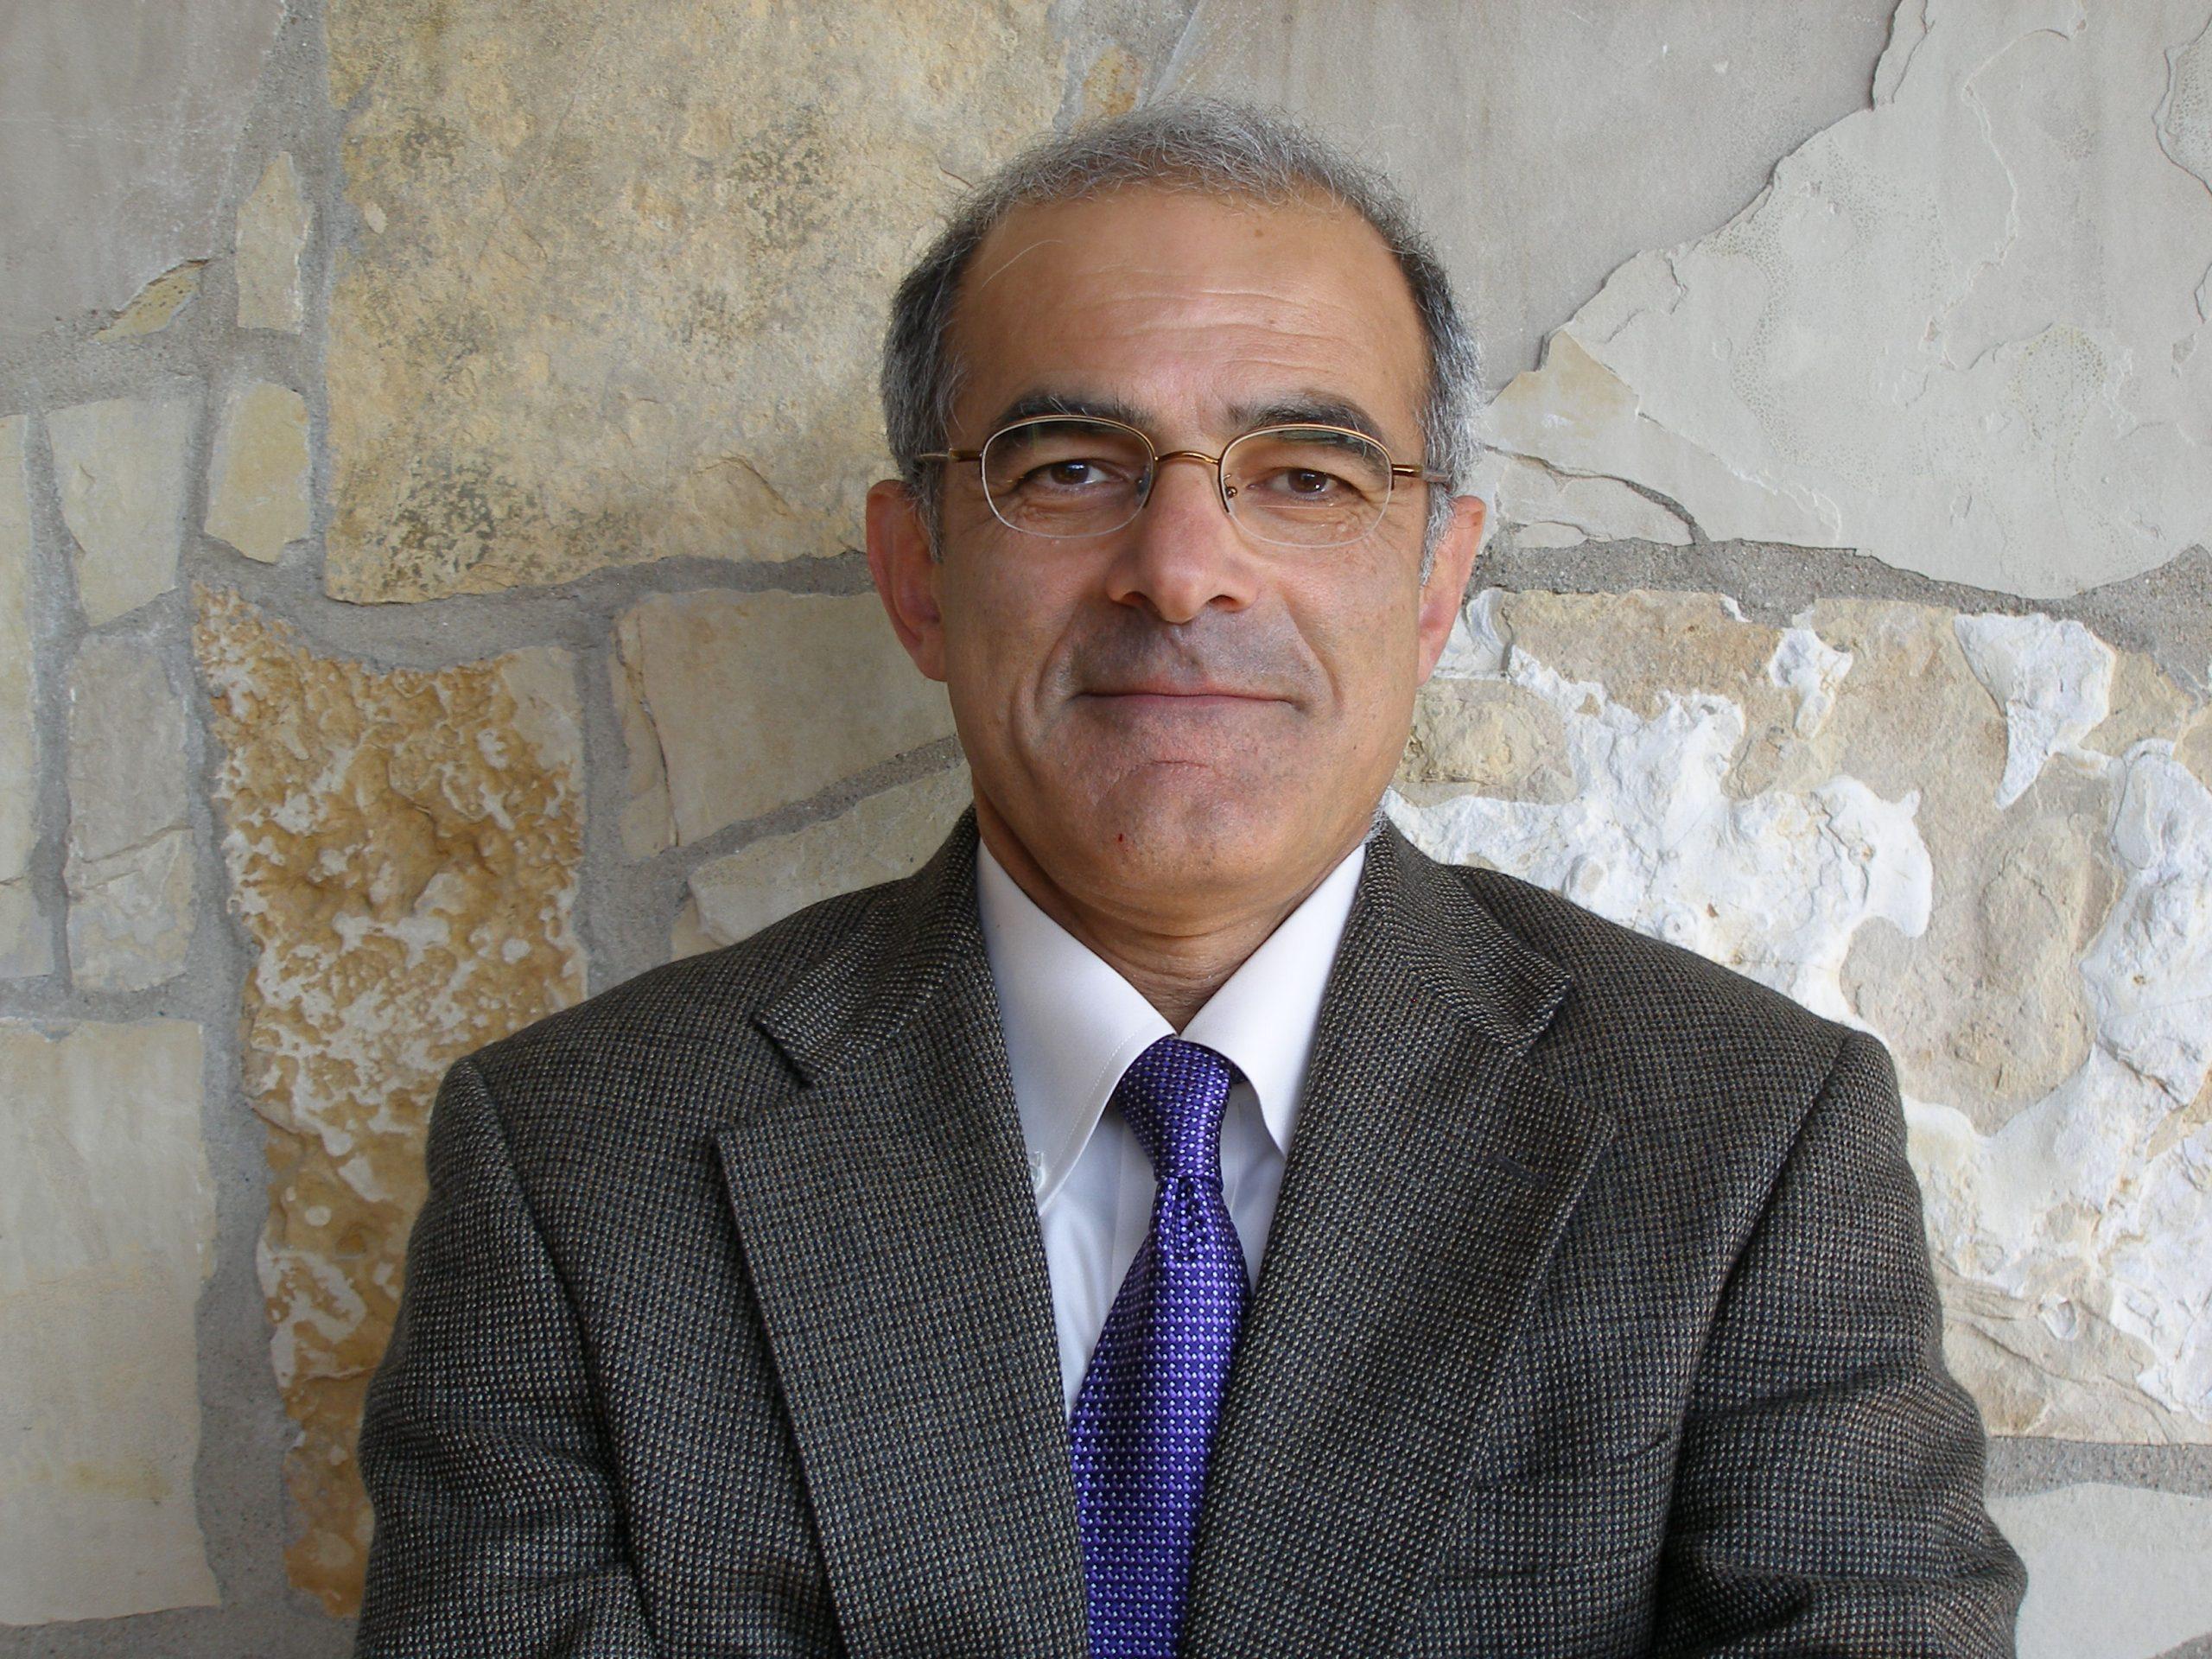 Episode 25: Dr. Kamyar Enshayan